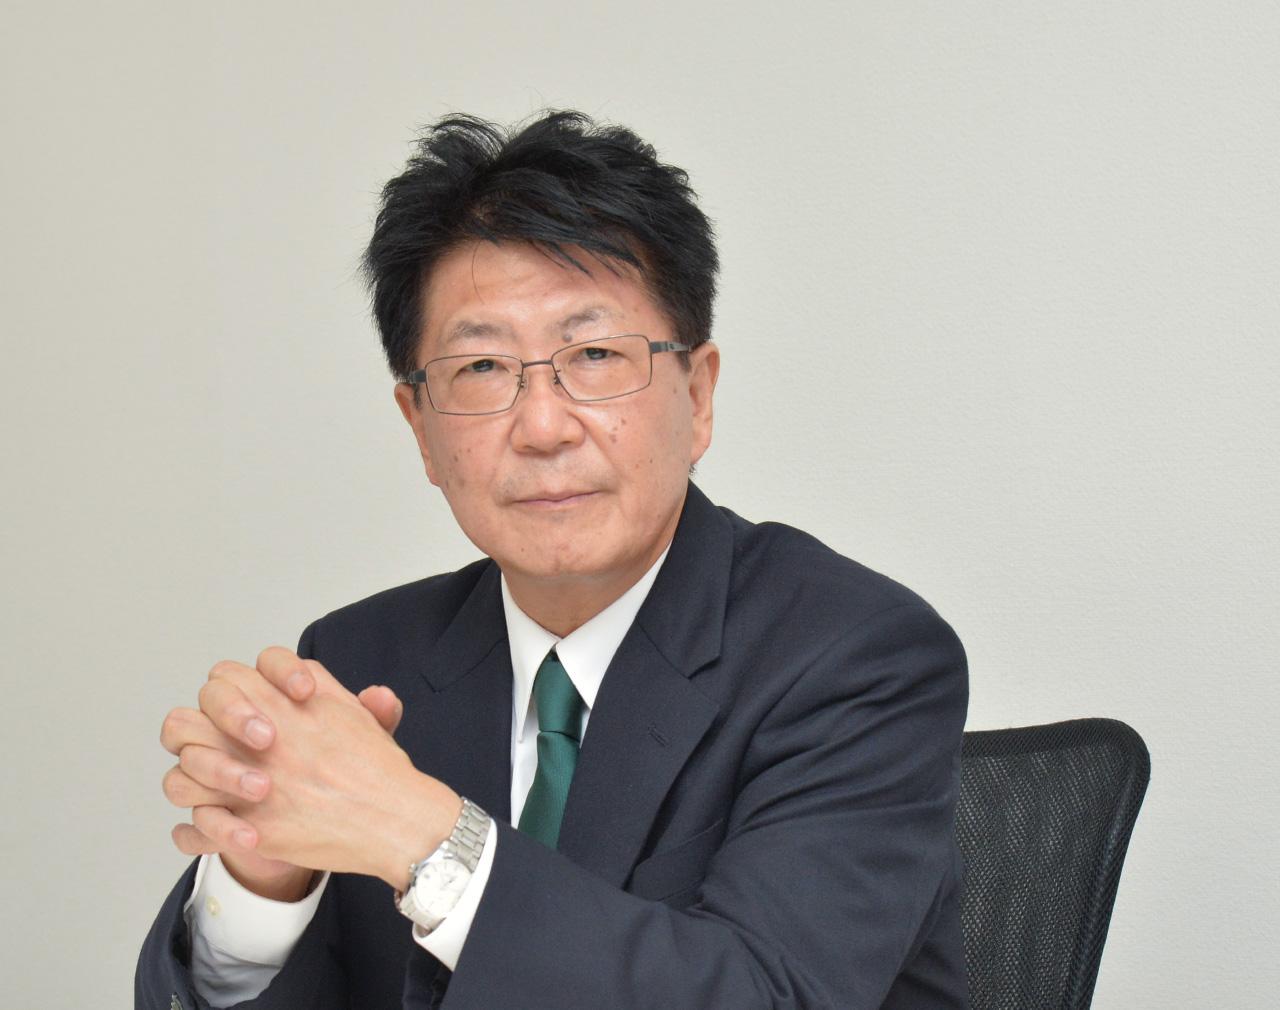 アルカディアシステムズ株式会社 代表取締役 花澤一之